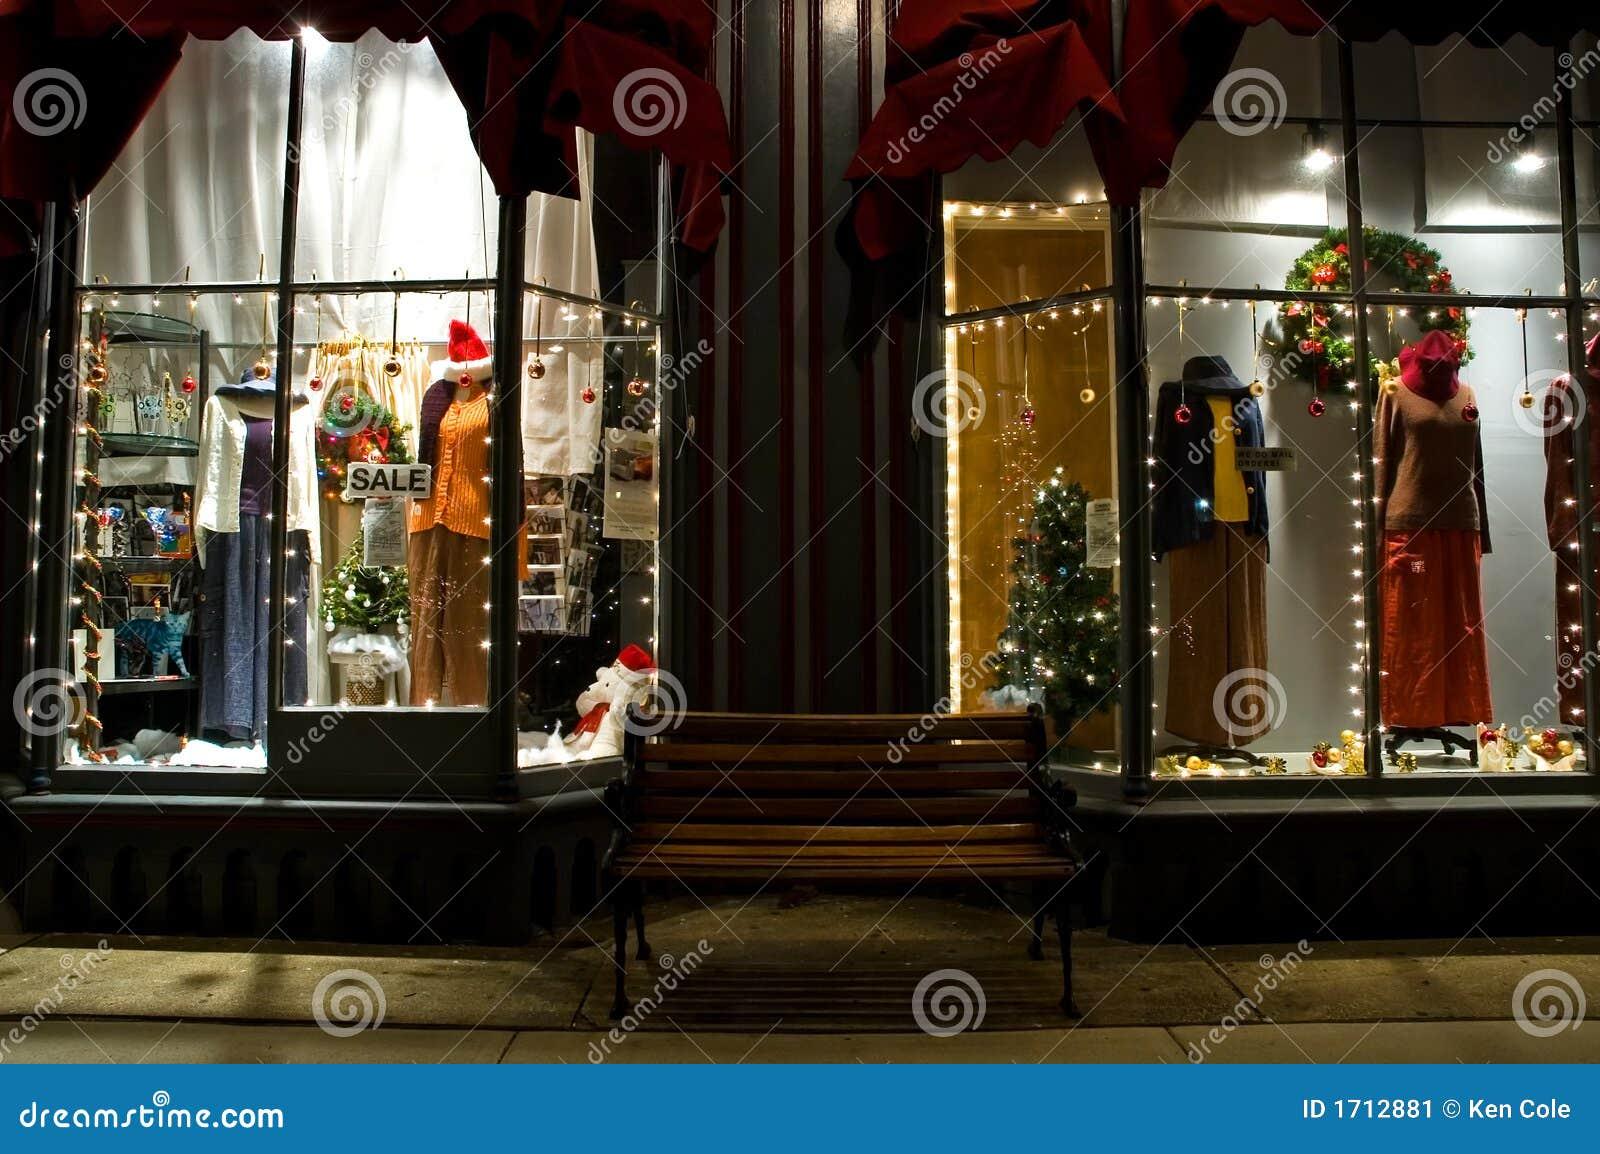 Viktorianisches Schaufenster An Weihnachten 2 Stockbild Bild 1712881